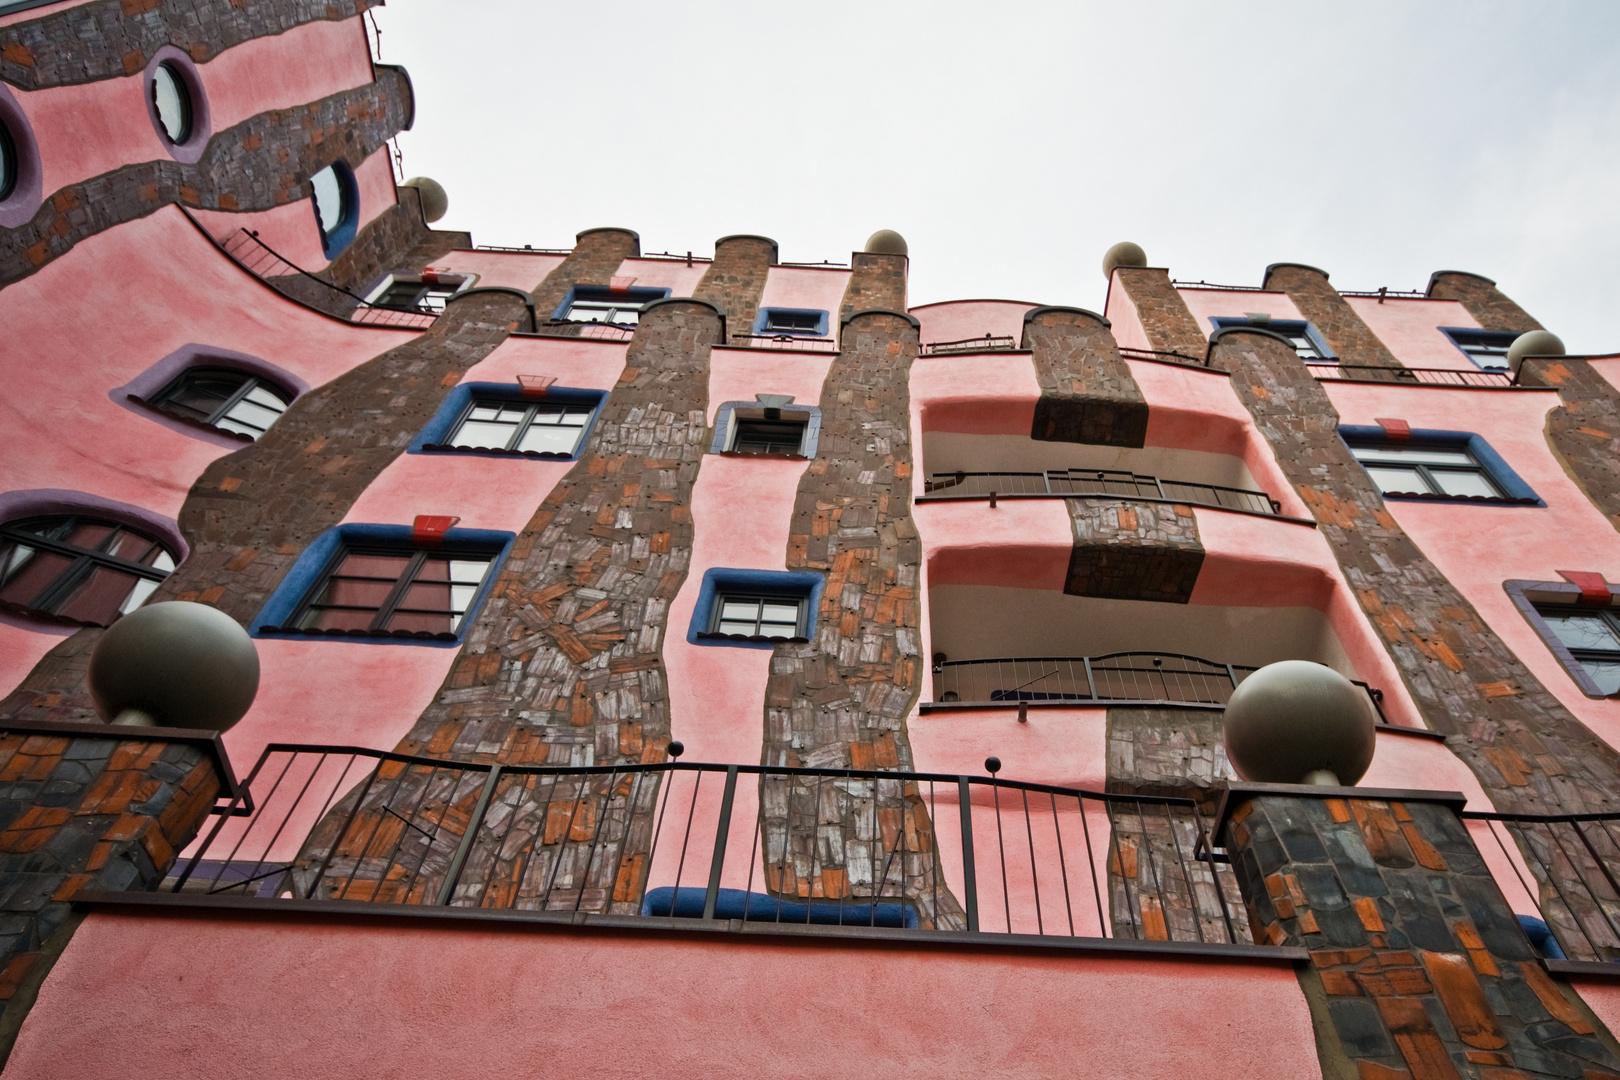 Die Grüne Zitadelle von Magdeburg entworfen von Friedensreich Hundertwasser.